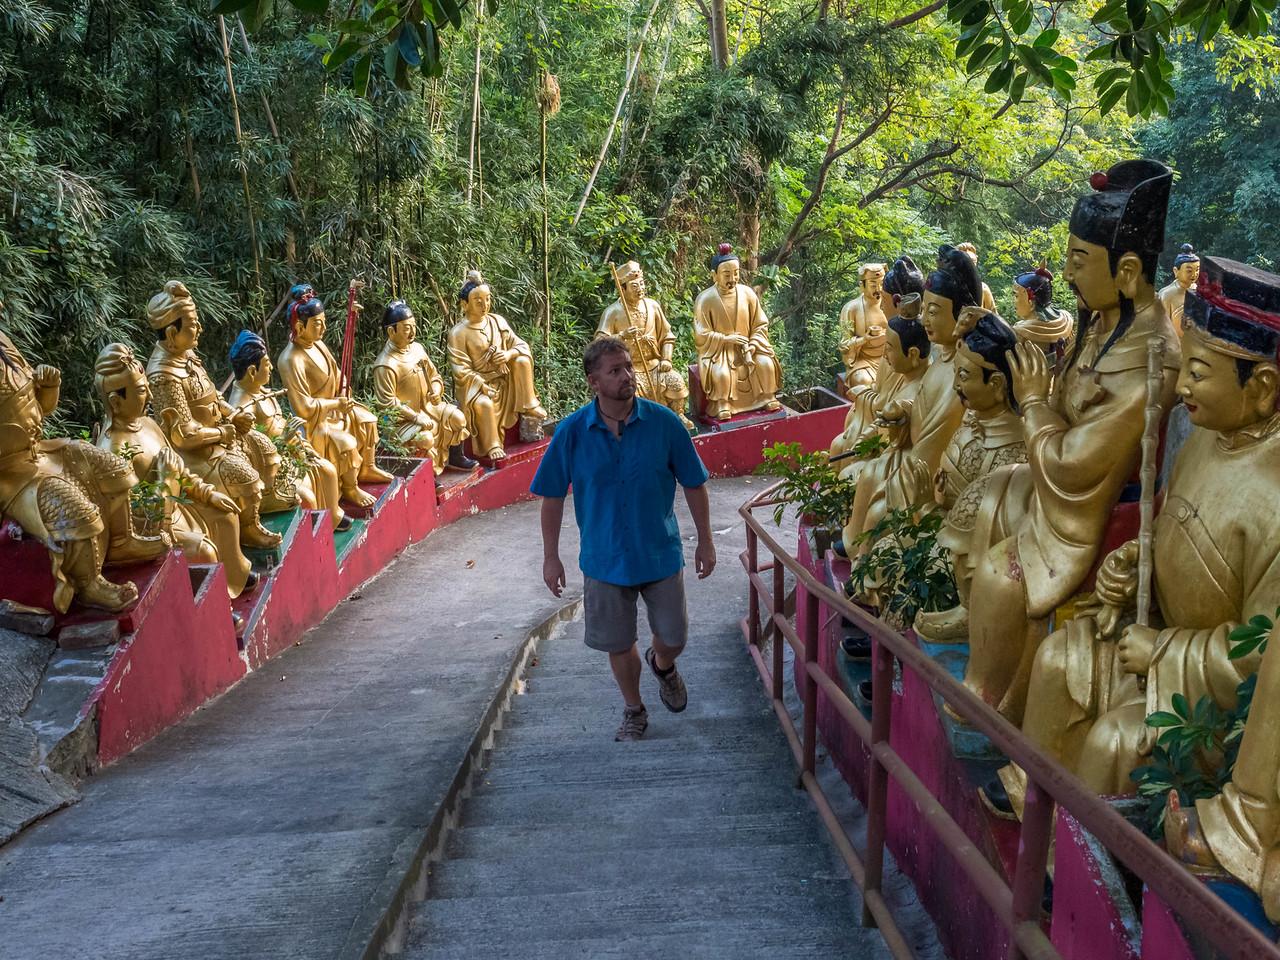 10,000 Buddhas Monastery Hong Kong